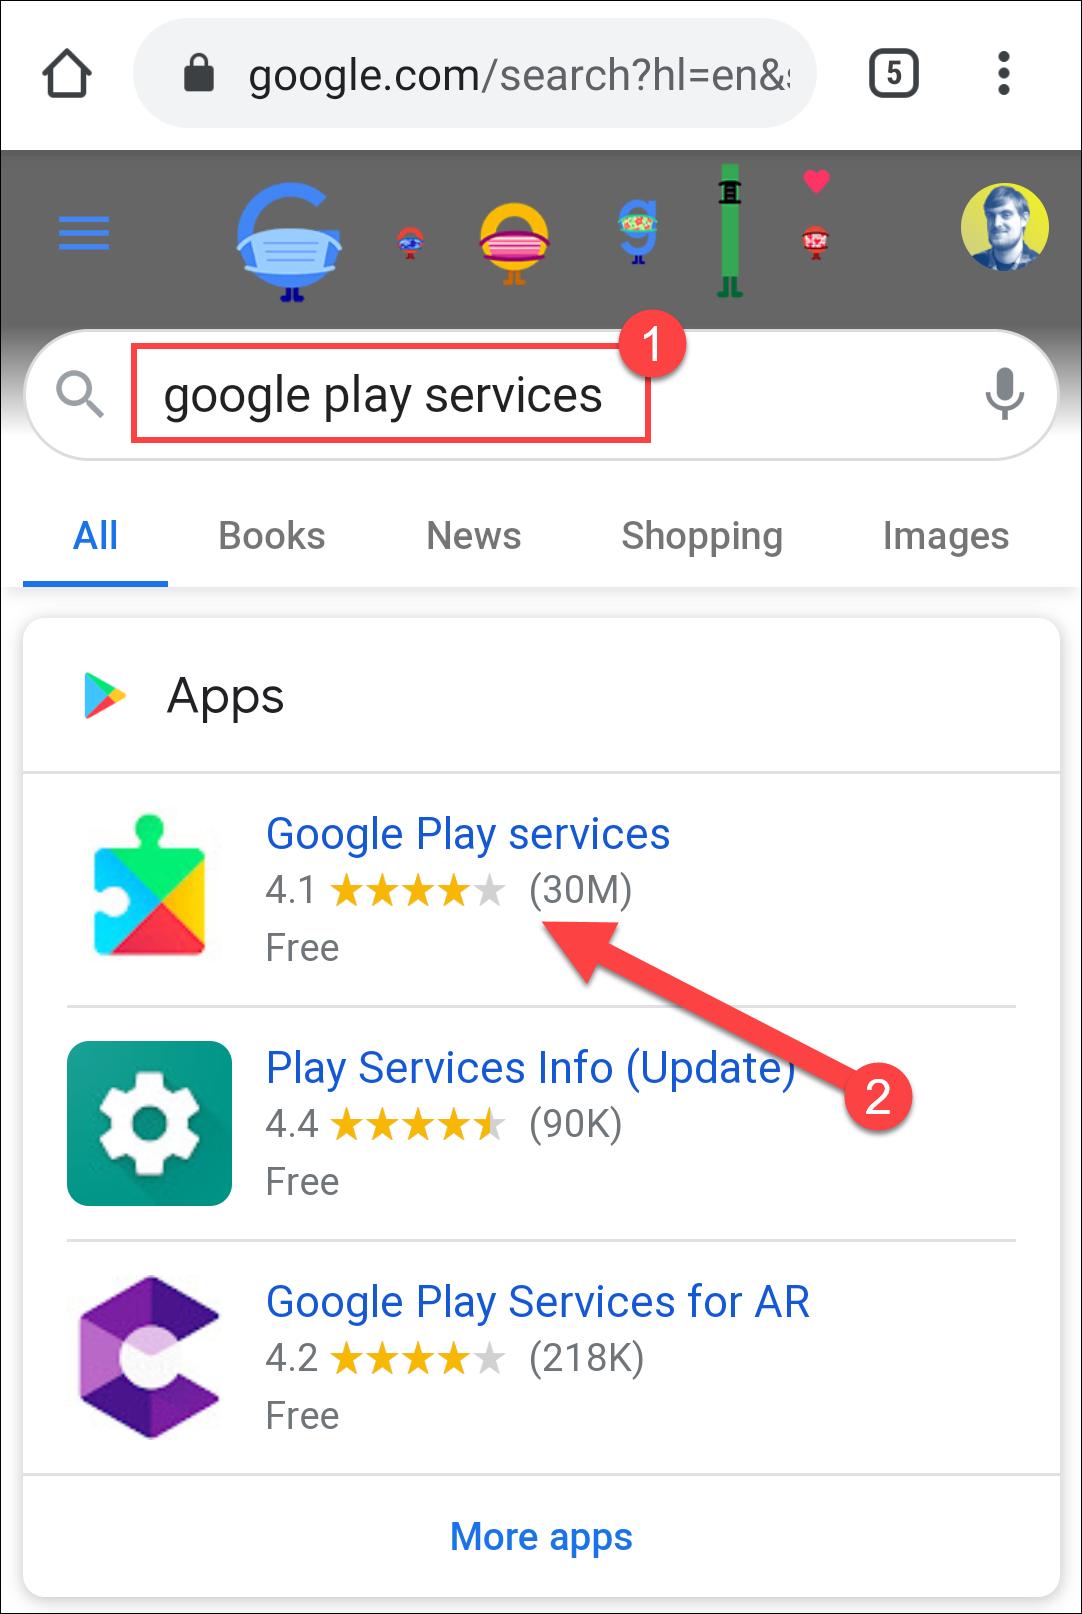 búsqueda de servicios de google play